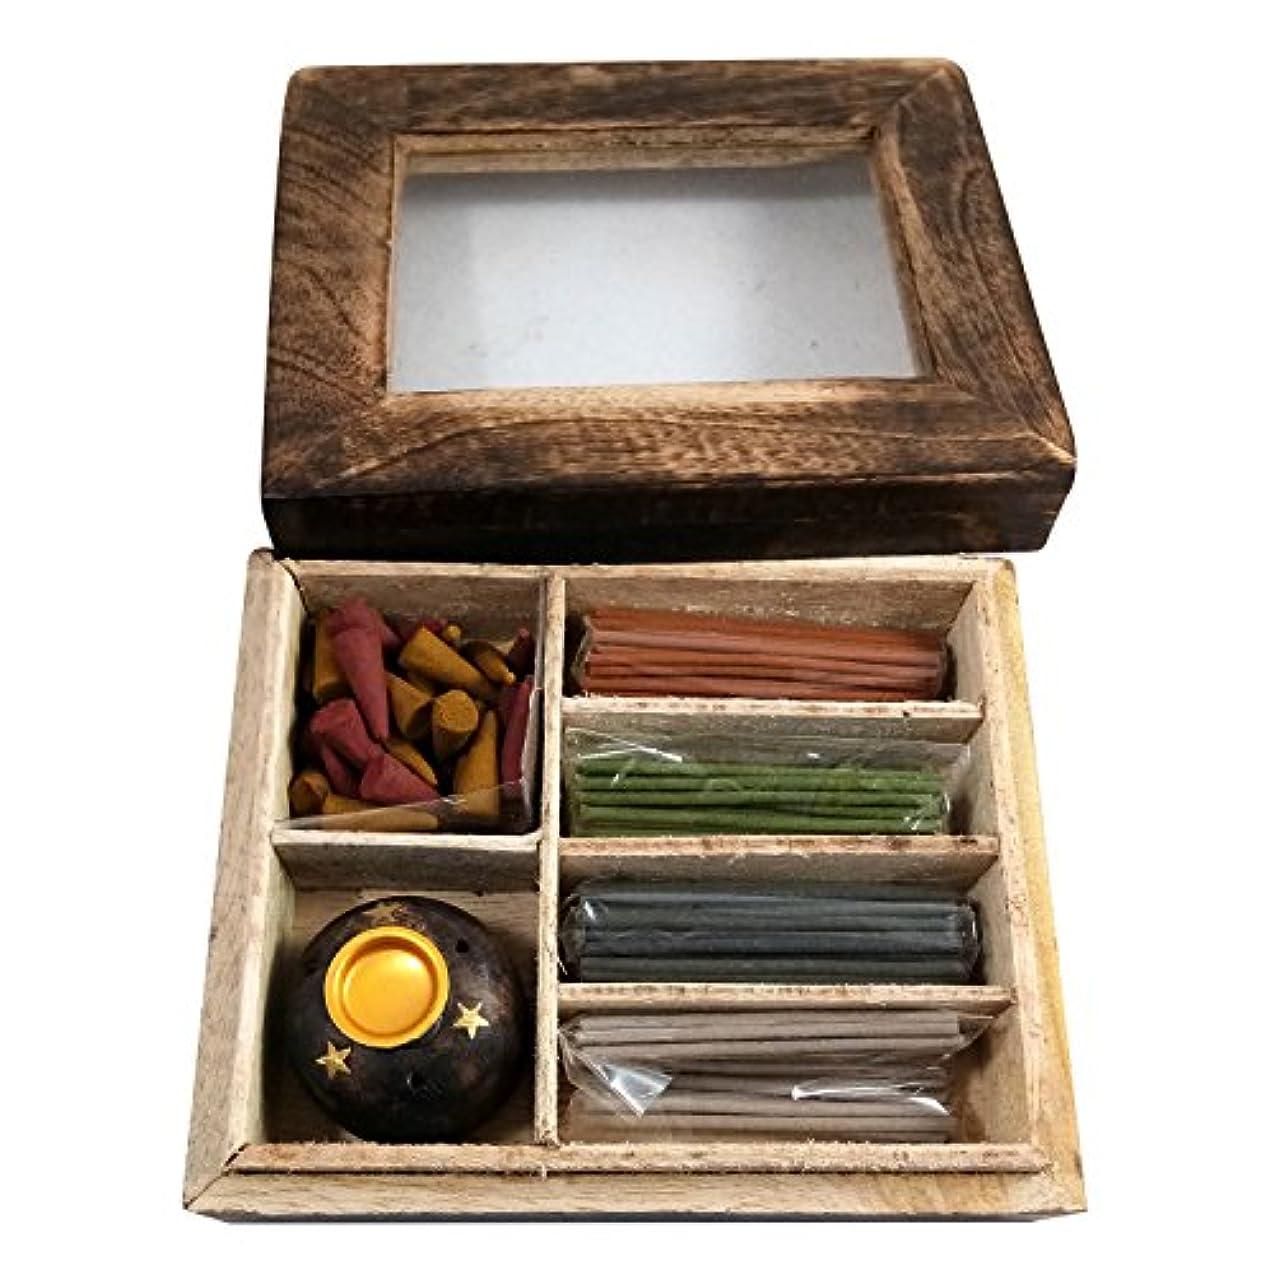 コンサルタントインサート教育する手作りの木製工芸品の香りスティックボックスギフトパックの用途ホームフレグランス目的、個人&企業の贈り物 スティック&スタンド付きスティックギフトパック